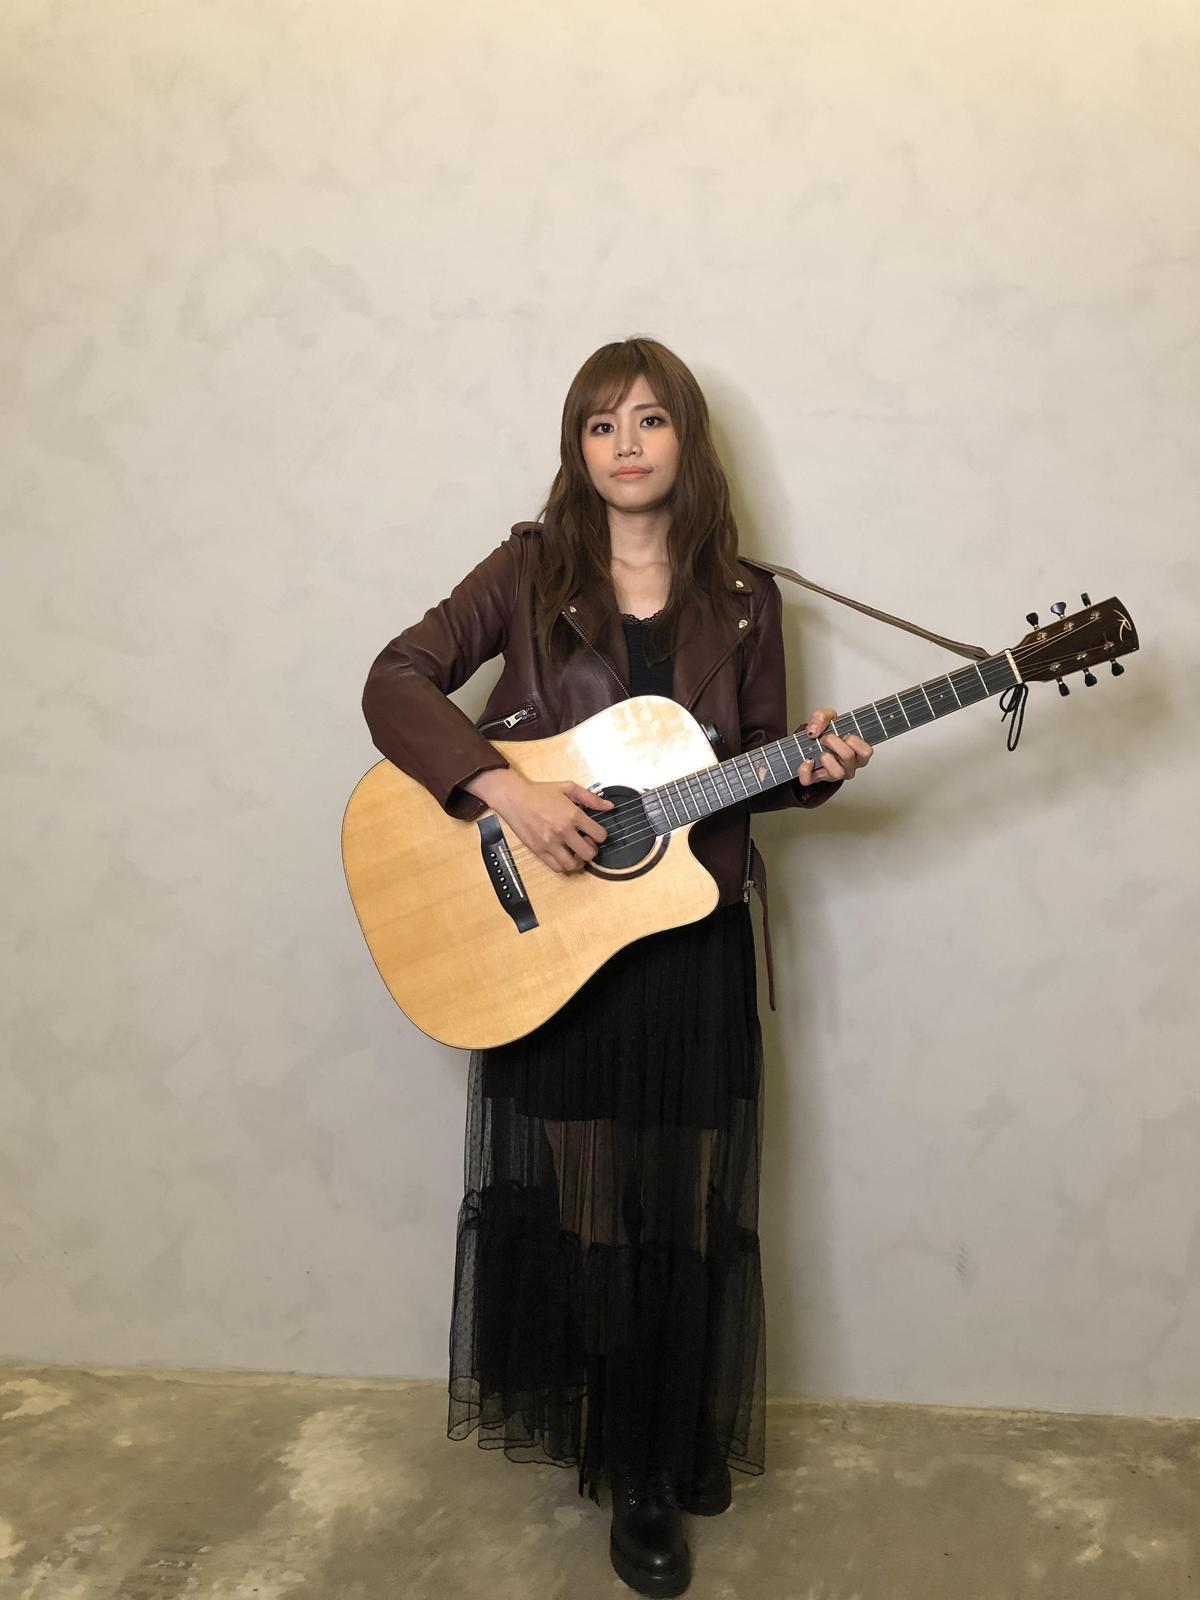 吳汶芳背著吉他開唱,展現溫暖音樂才華。(福茂唱片提供)